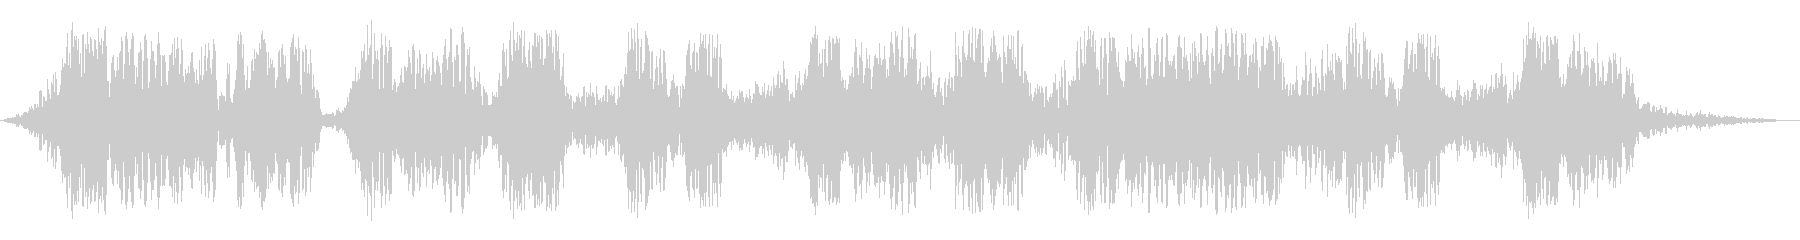 短騒音溝の未再生の波形